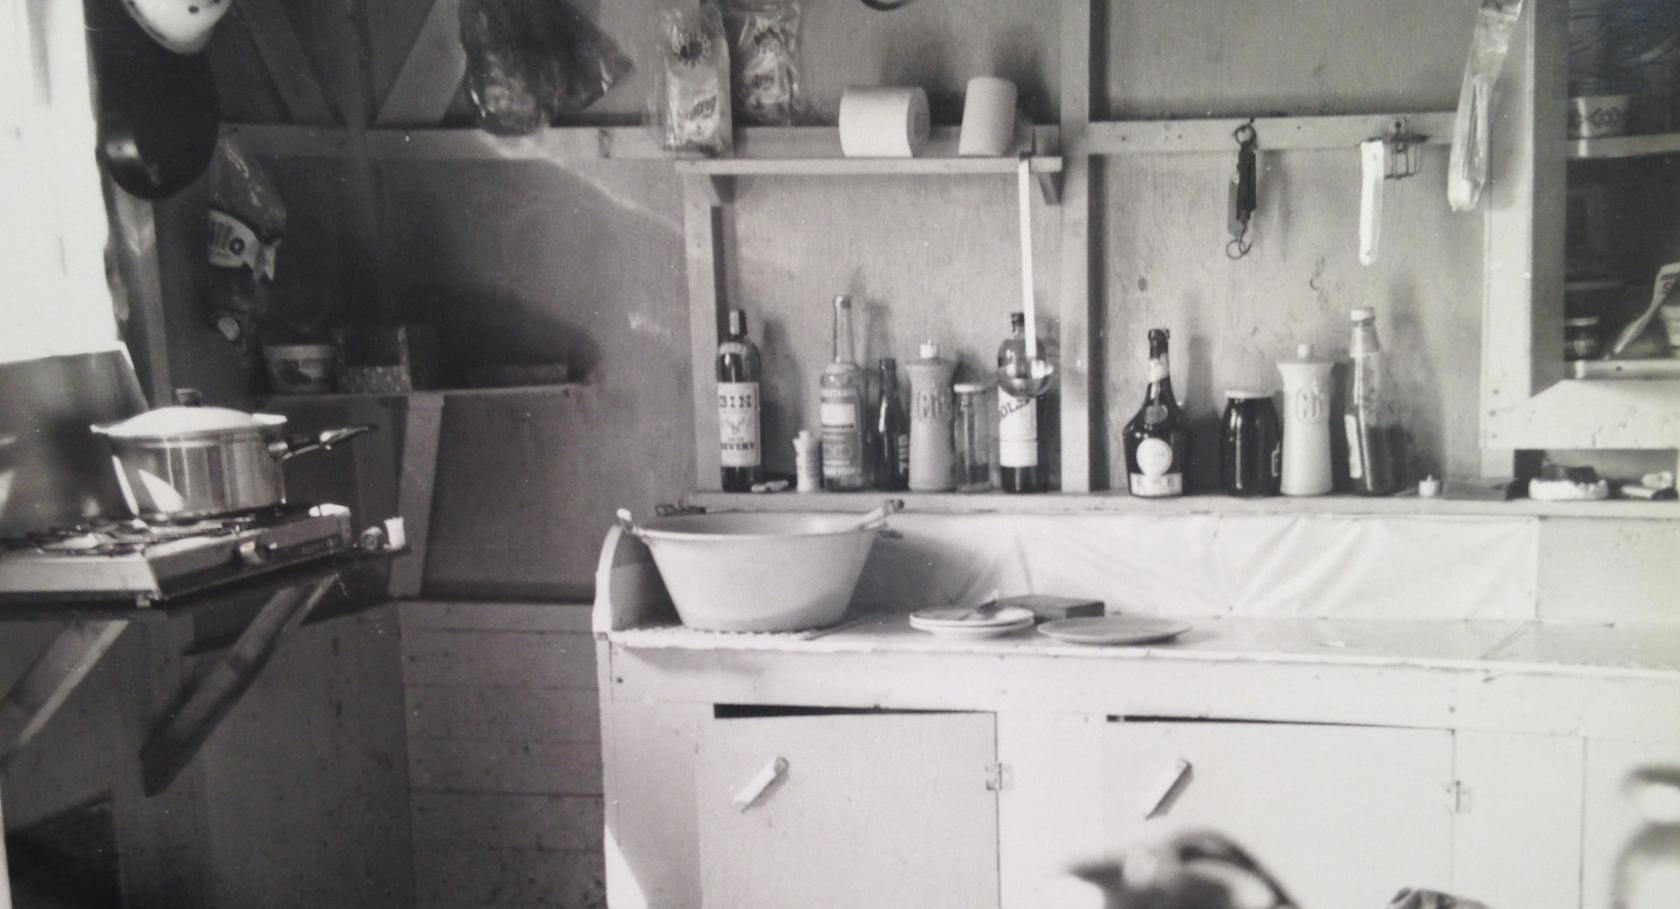 La cuisine du refuge : une tablette pour soutenir le réchaud à 2 ronds que nous avions monté la veille, quelques rouleaux de papier et des boissons à portée de main.